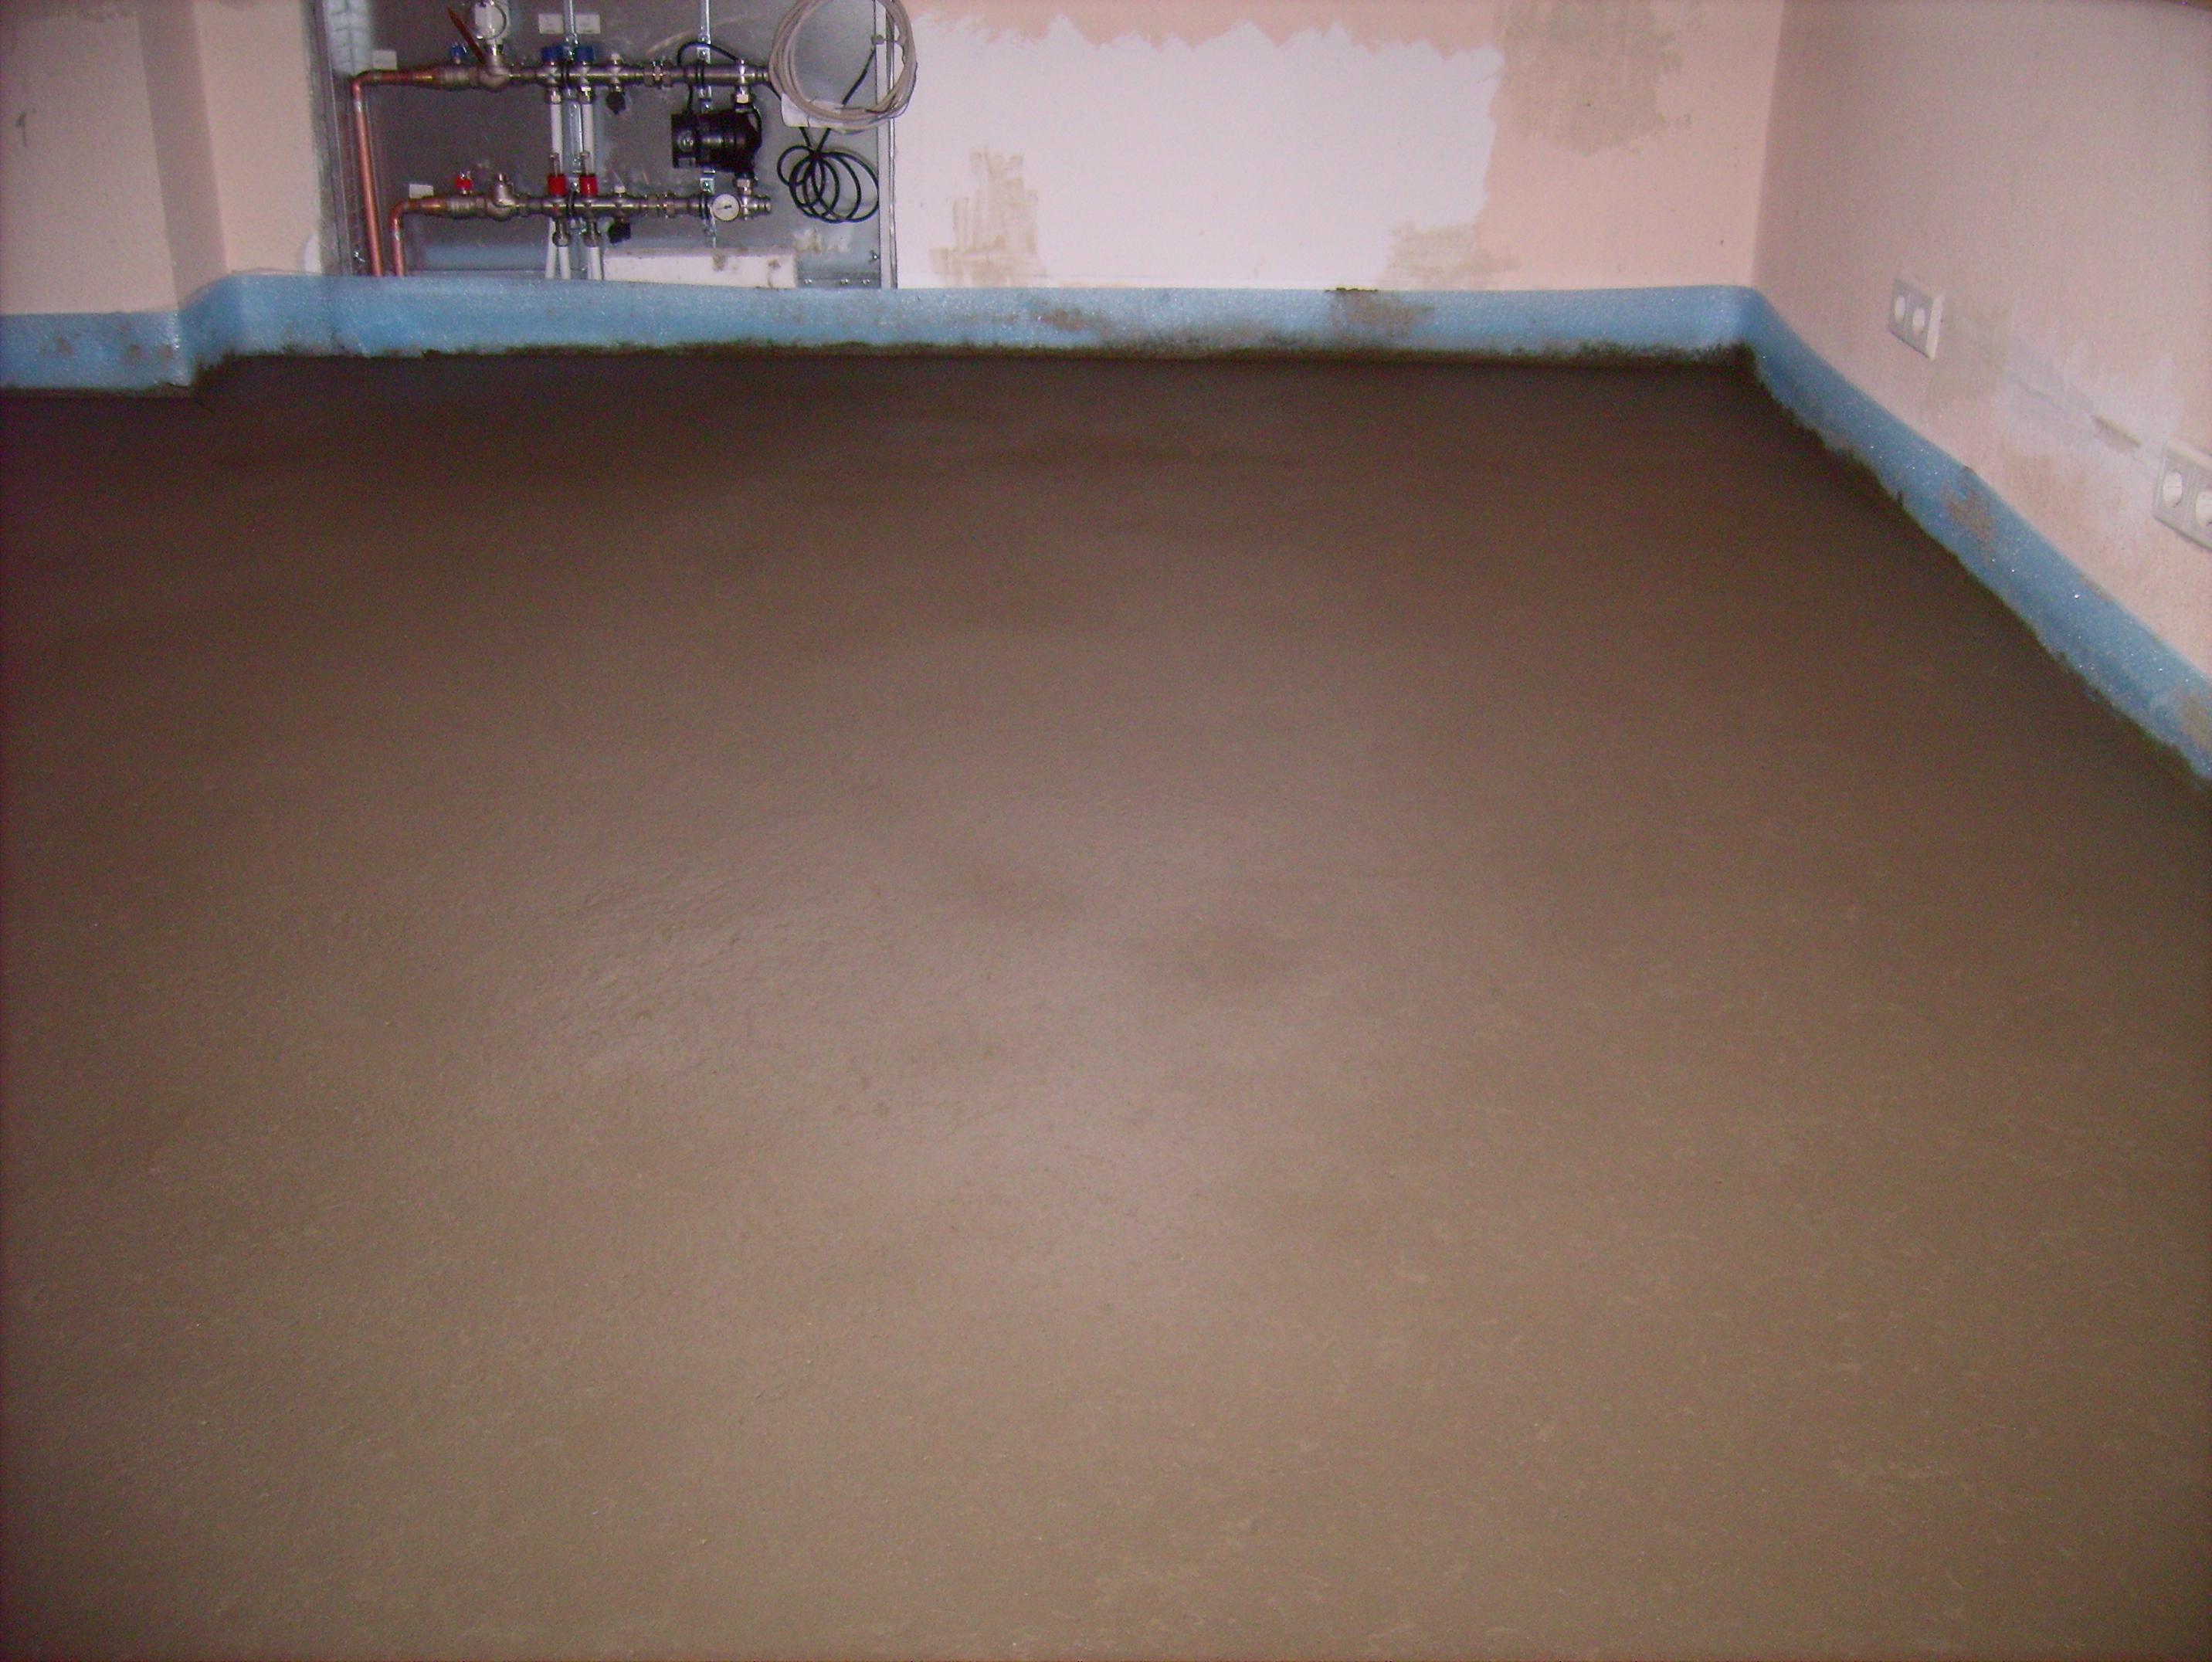 Fußboden Zu Kalt ~ Fußbodenheizung fußboden kalt korkboden und fußbodenheizung das